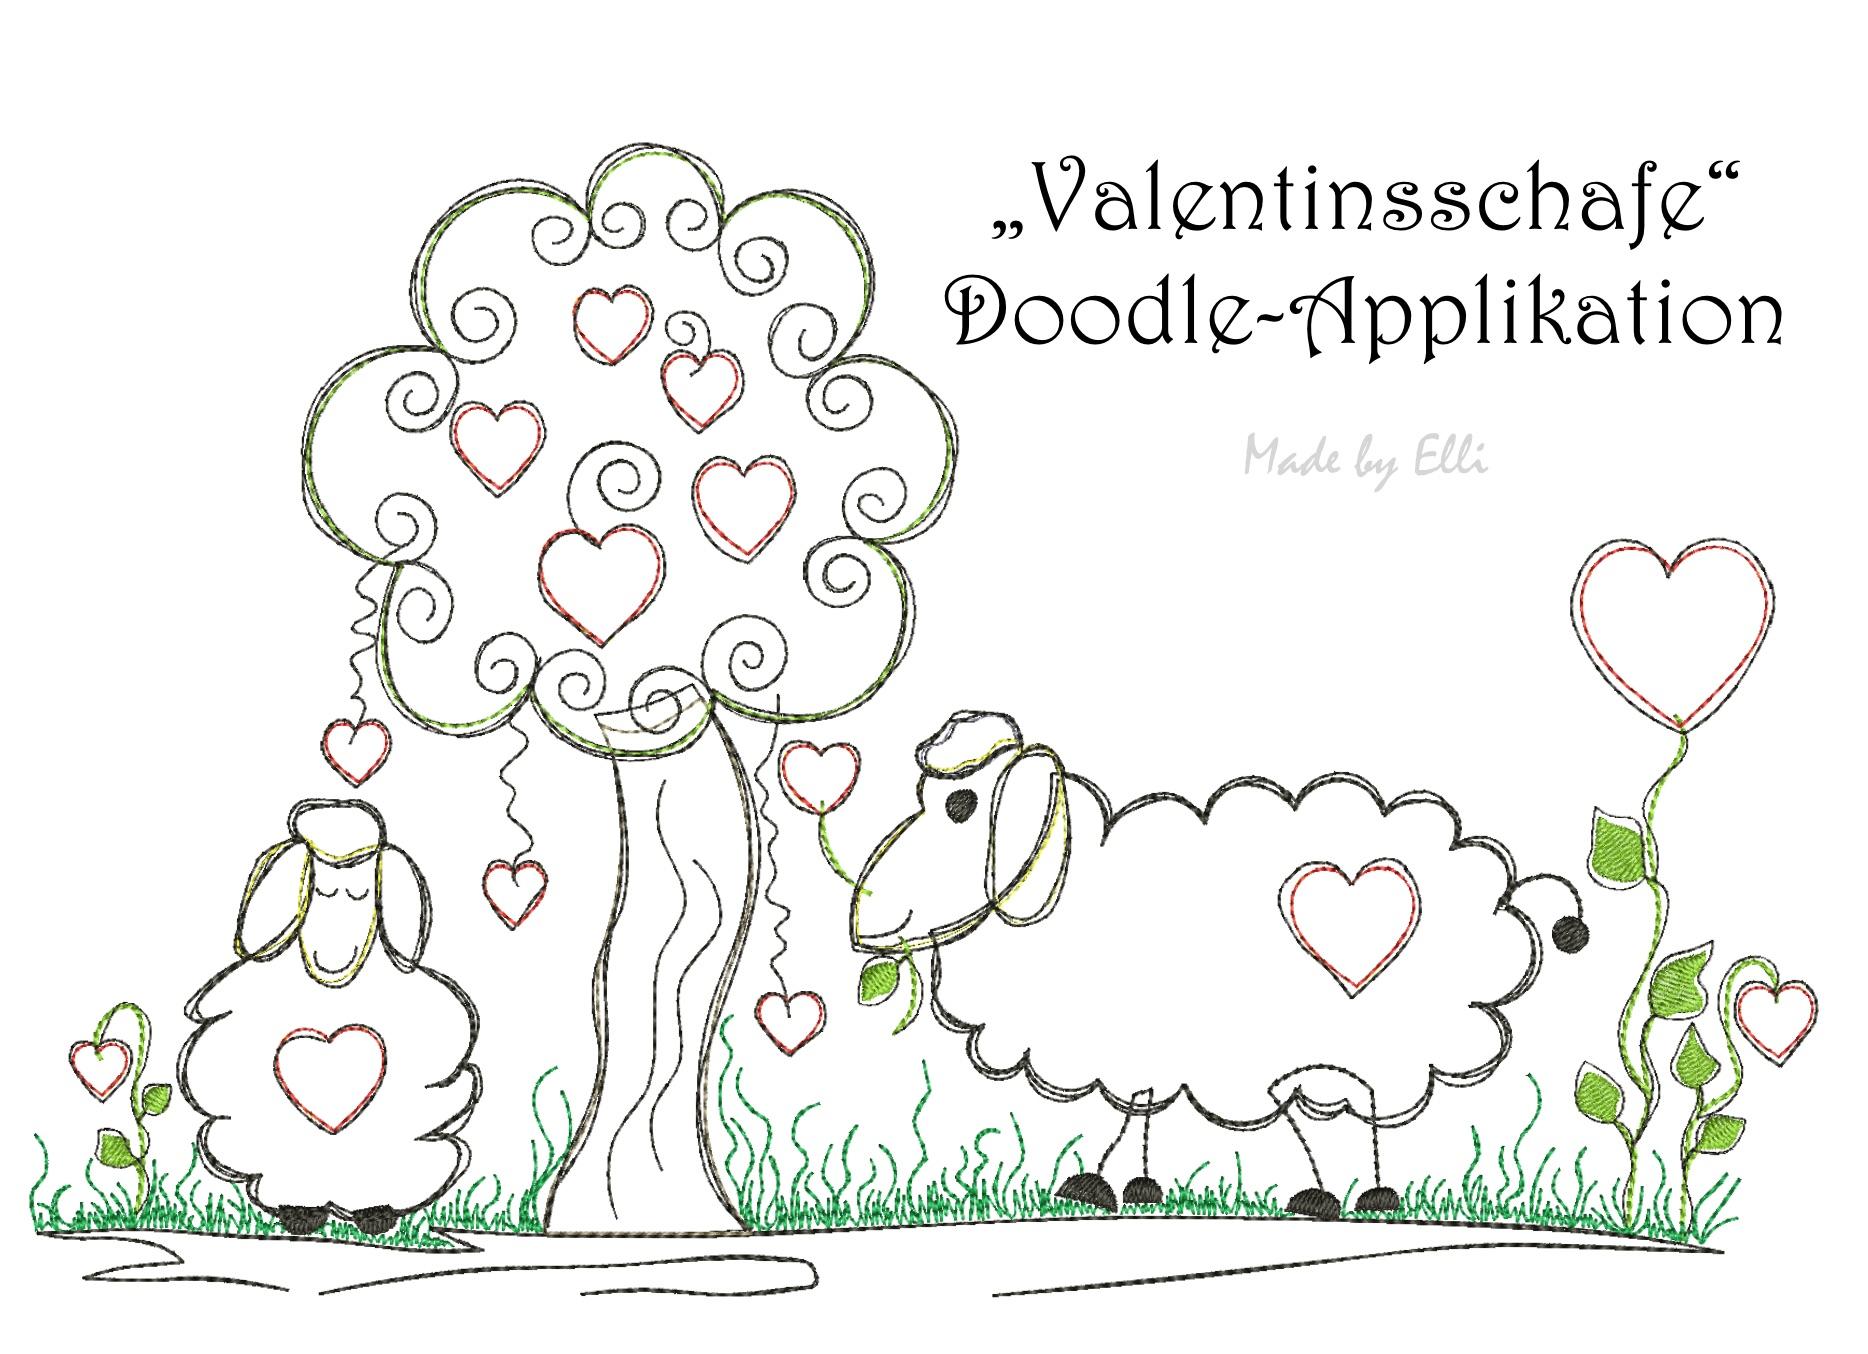 Valentinsschafe - Doodle-Applikation